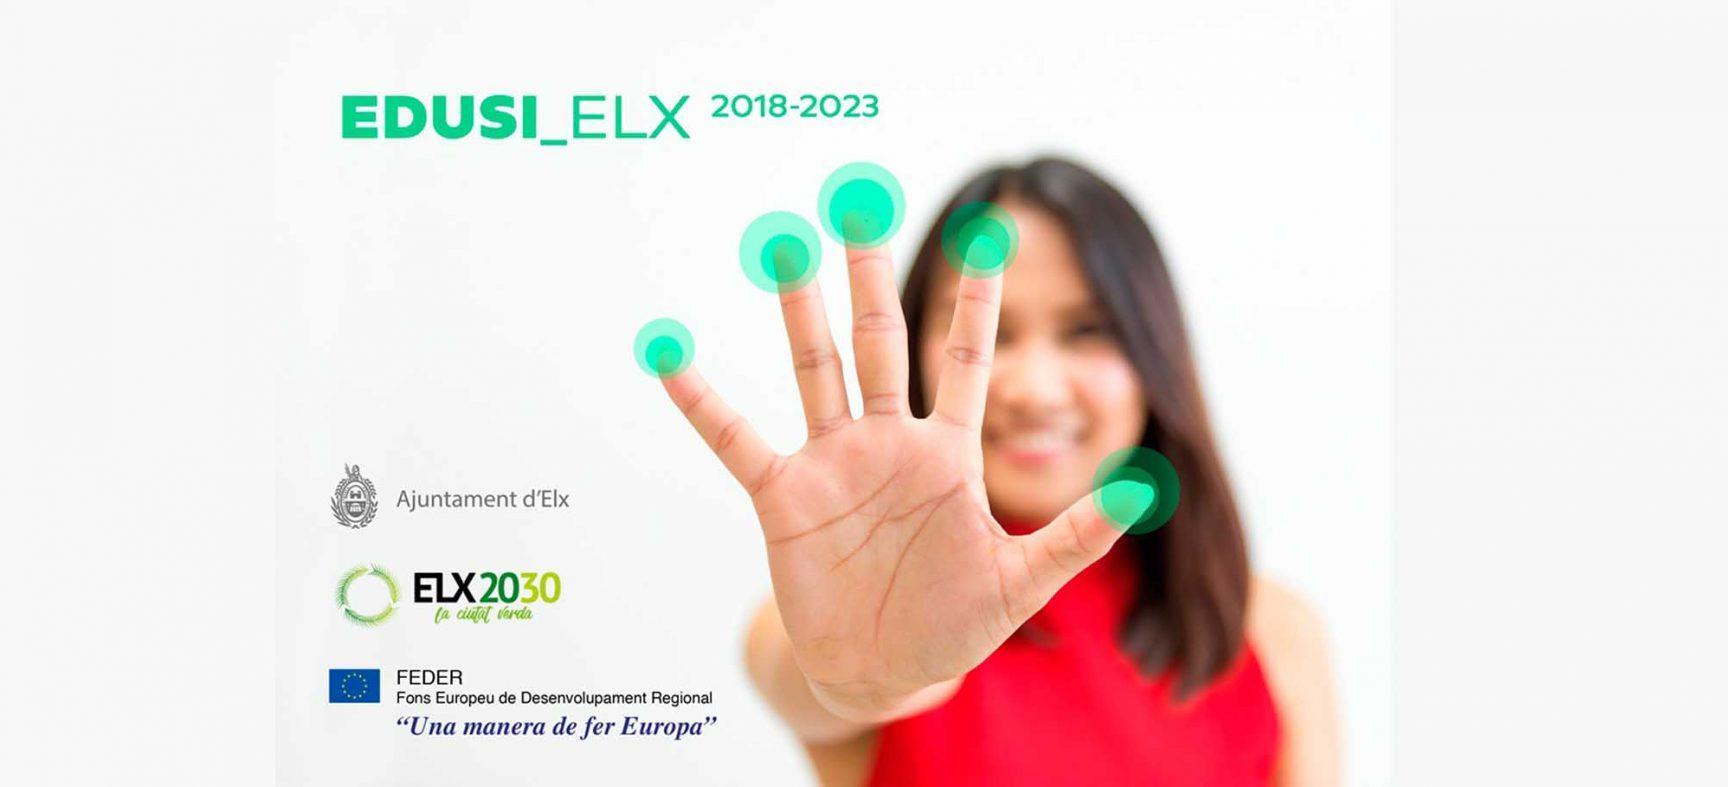 Exposición de los proyectos EDUSI Elx 2018-2023 en Las Clarisas